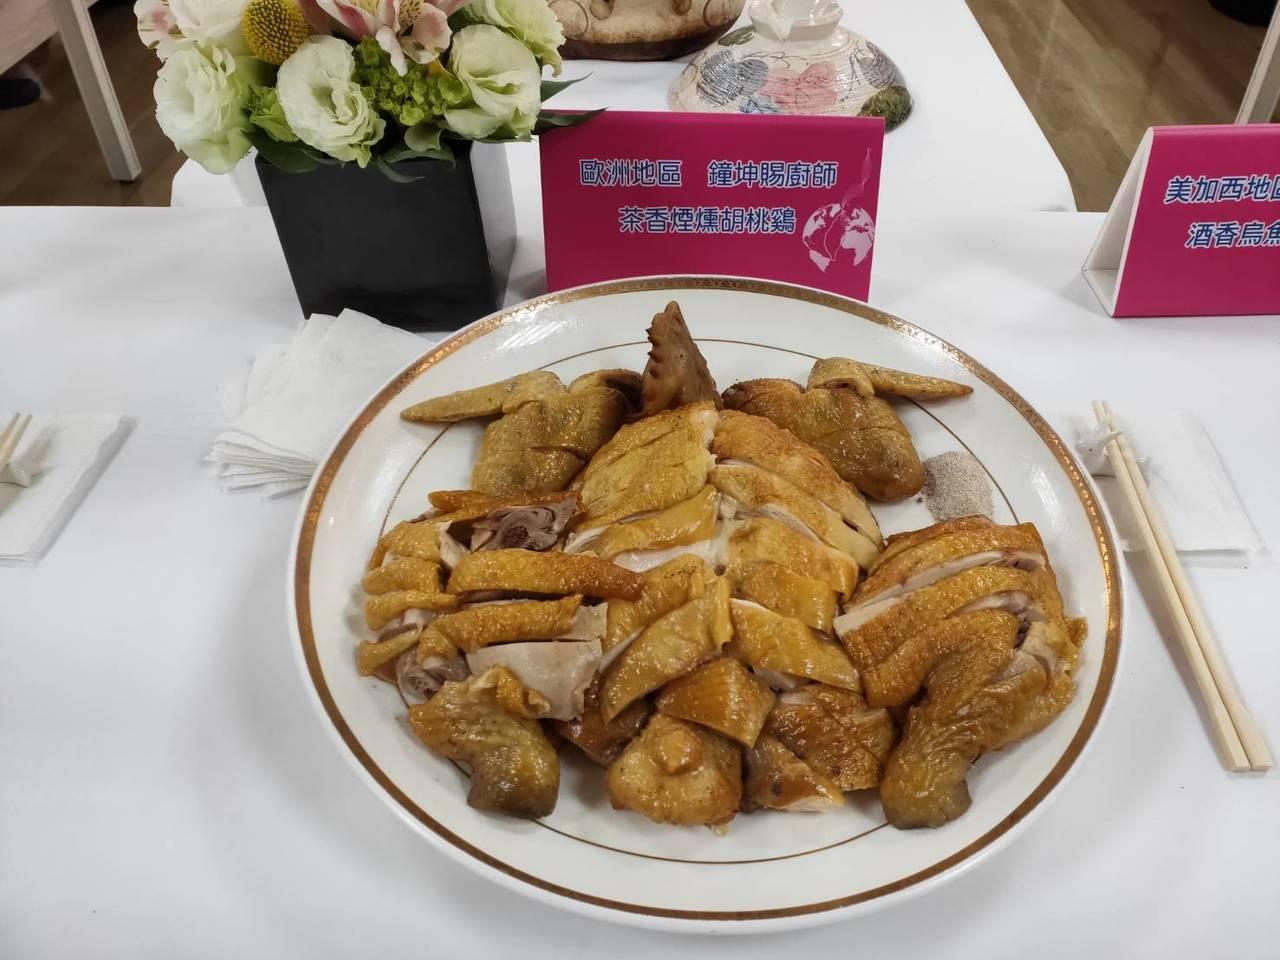 將前往歐洲地區的廚師鐘坤賜所做的茶香煙燻胡桃雞。記者徐偉真╱攝影